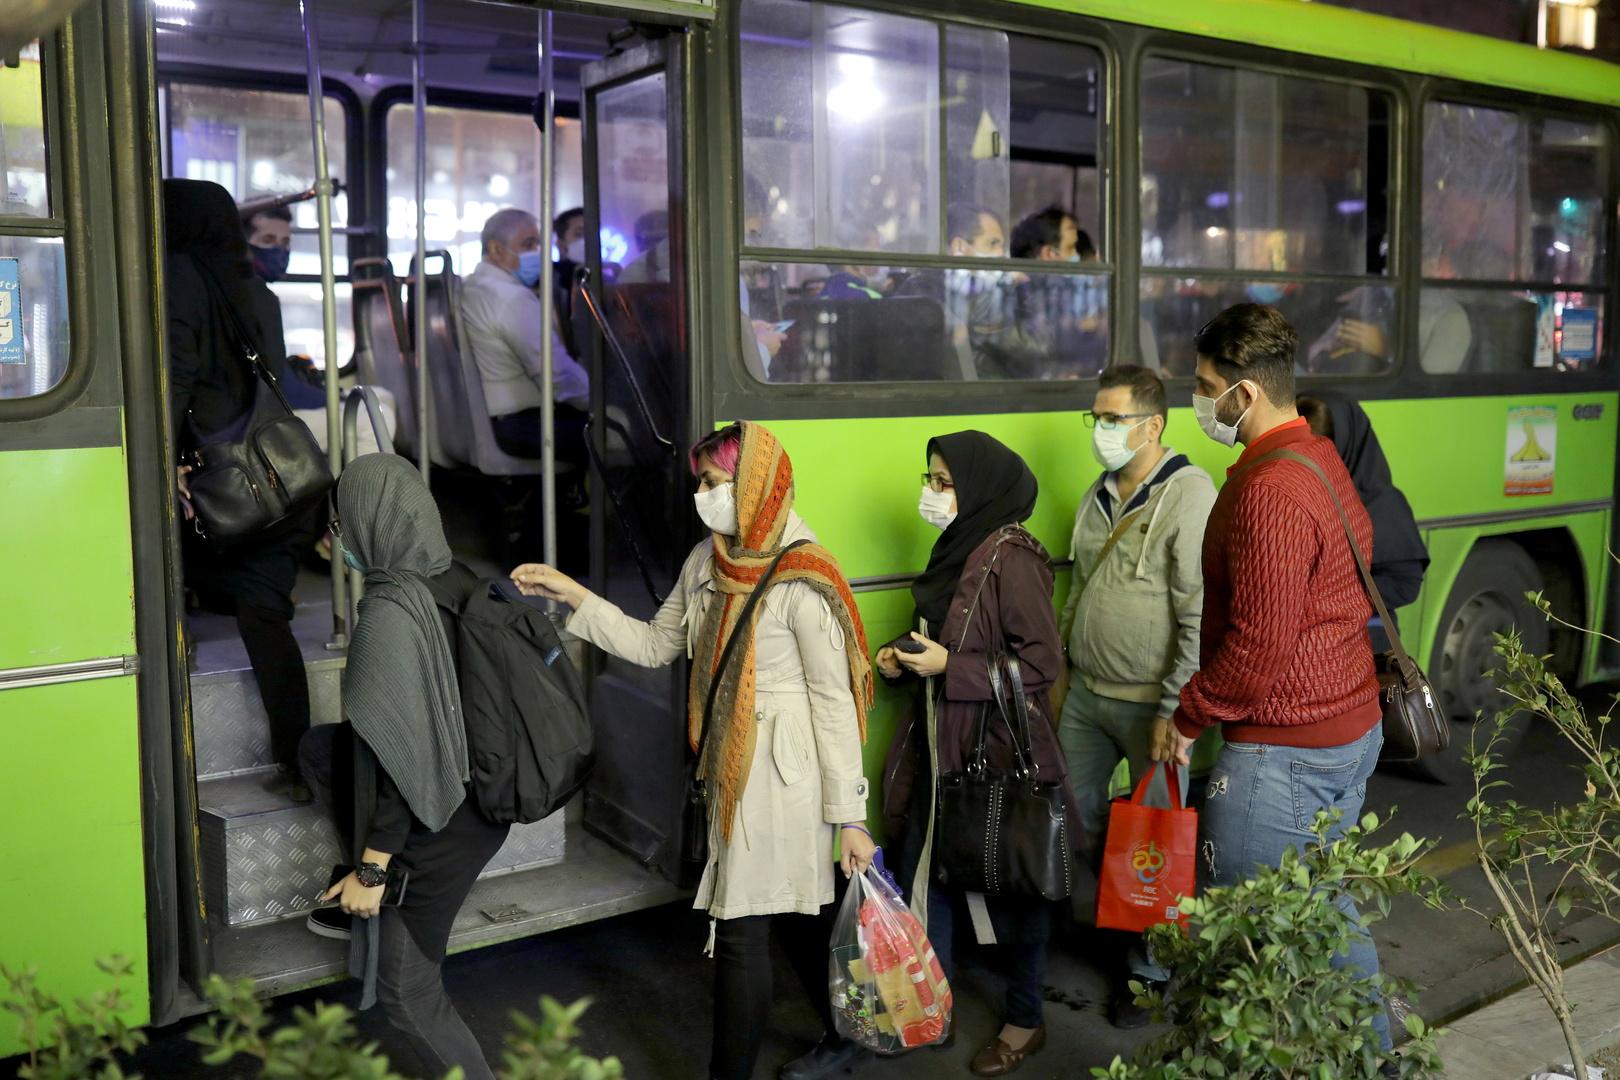 إيران:  لدينا أوراق رابحة سنعرضها للعالم بشأن لقاح كورونا